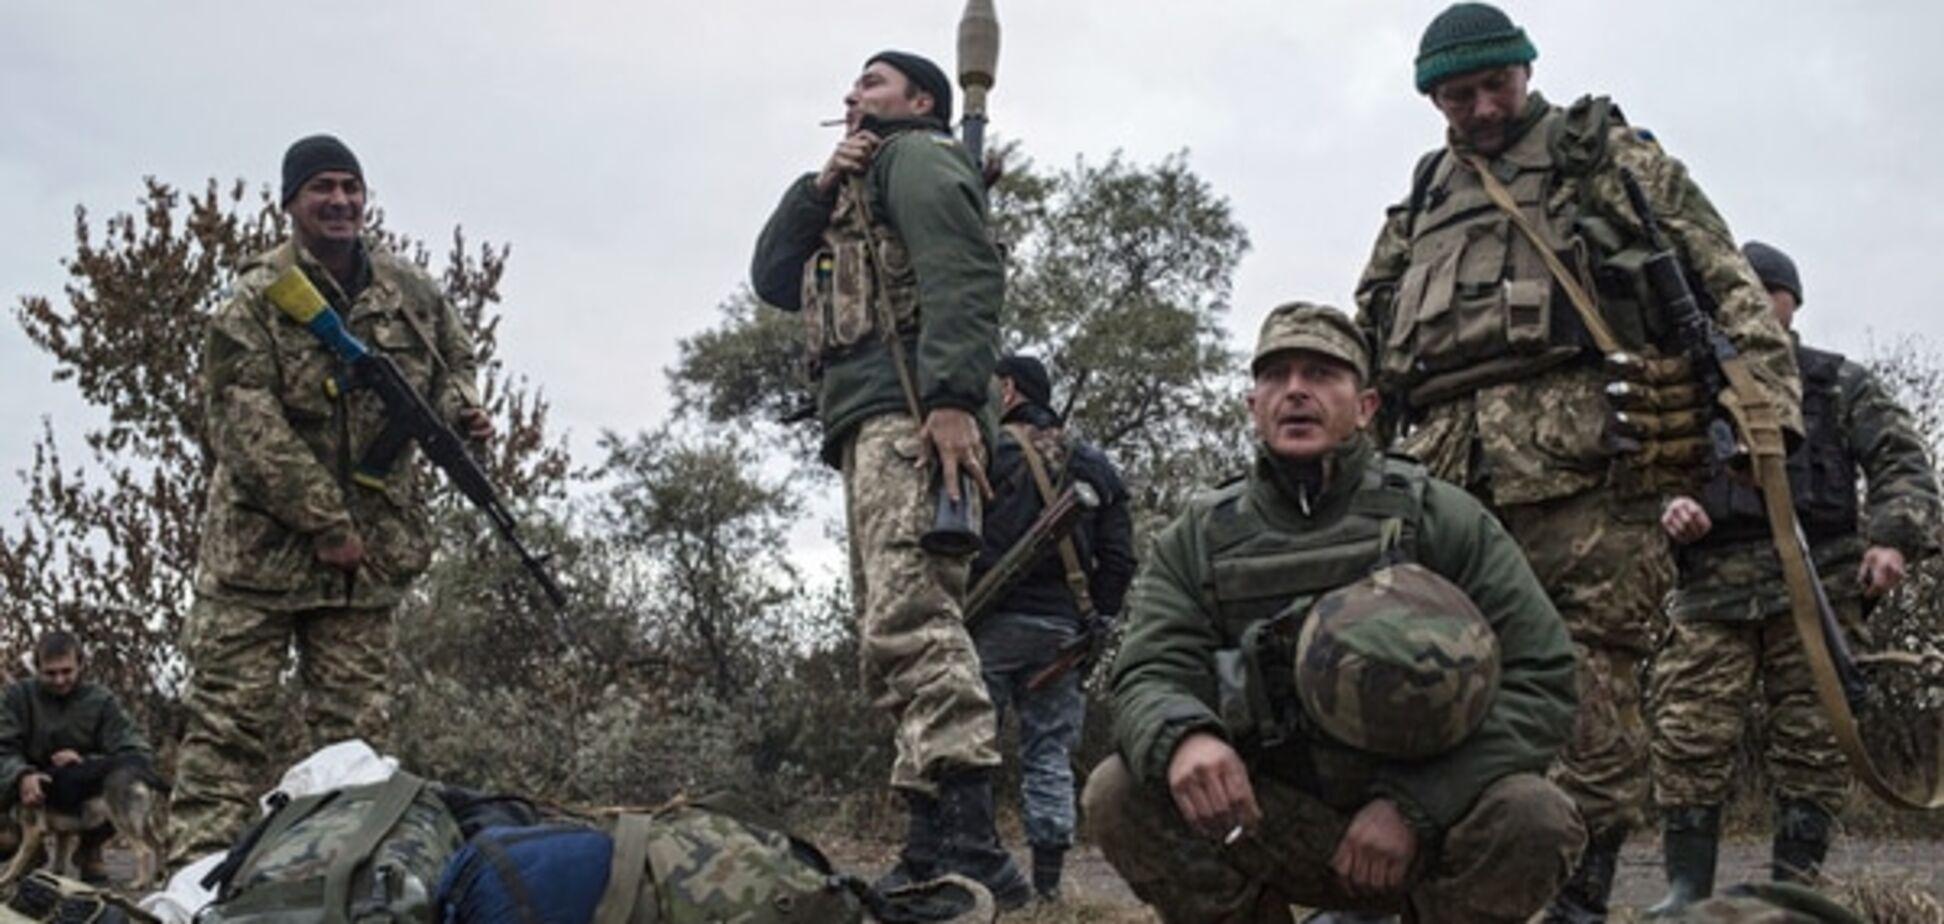 Росія готує провокації та шантажує Україну заручниками - Геращенко